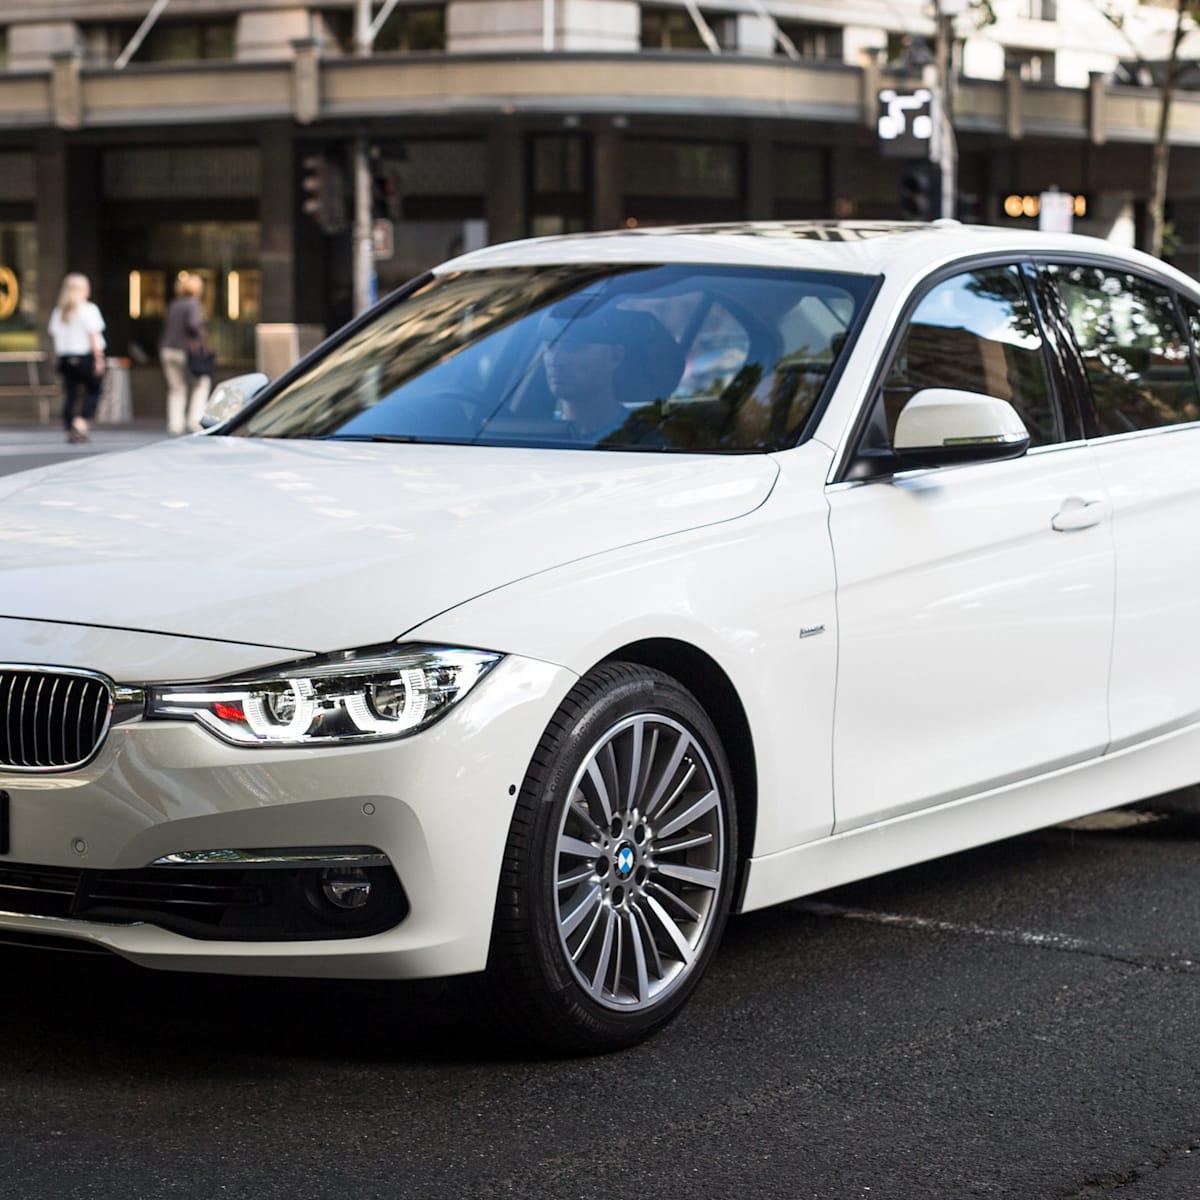 2016 BMW 318i Review | CarAdvice